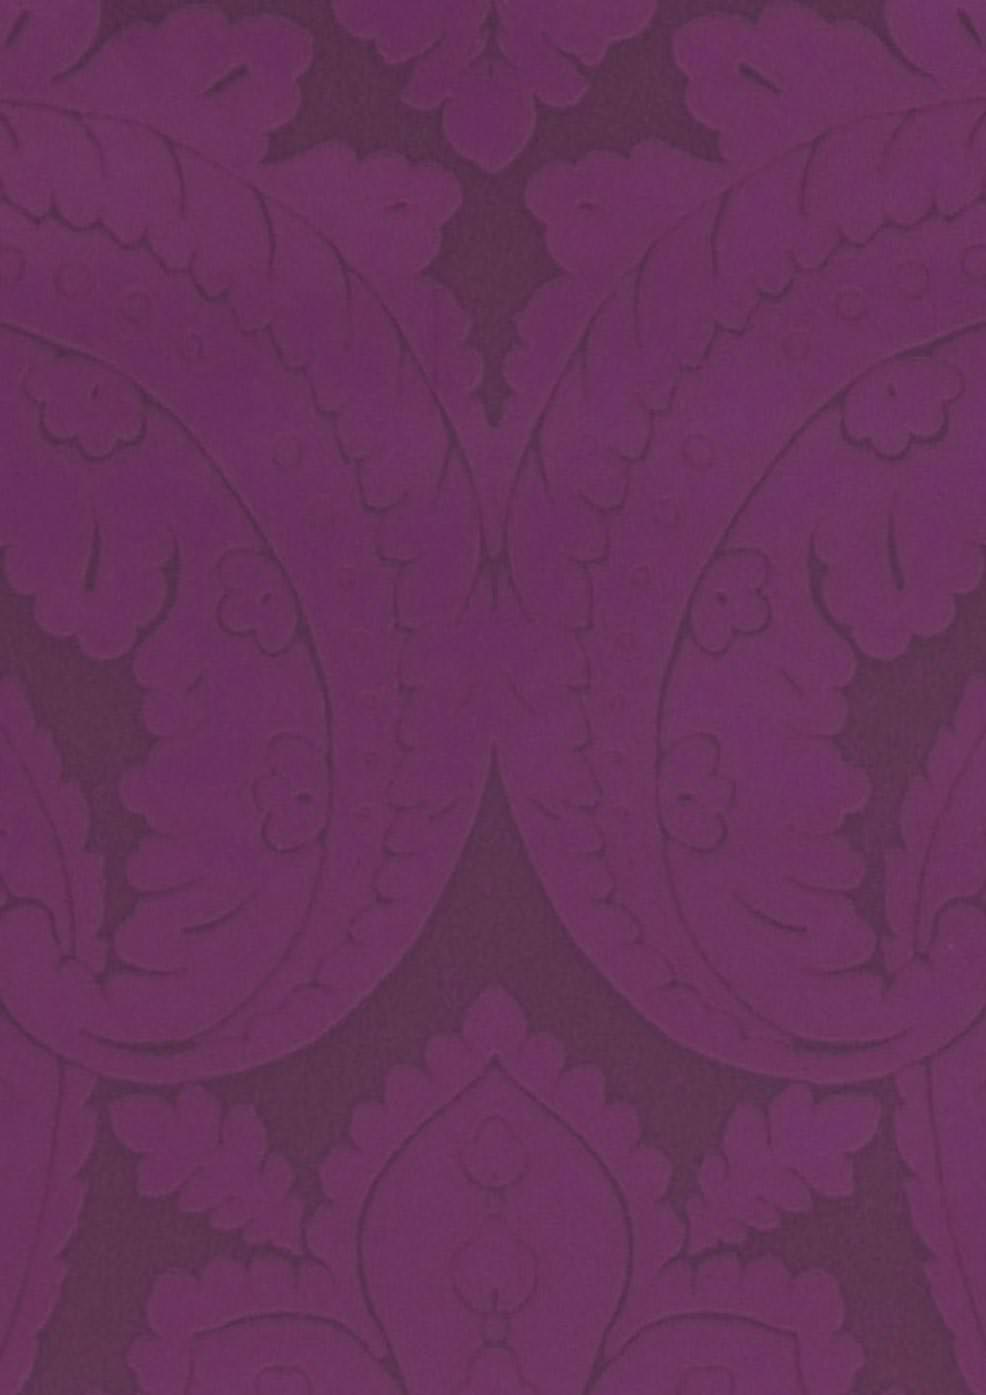 Papier peint Nemesis (Gris violet foncé, Violet lustre)   Papier peint des années 70